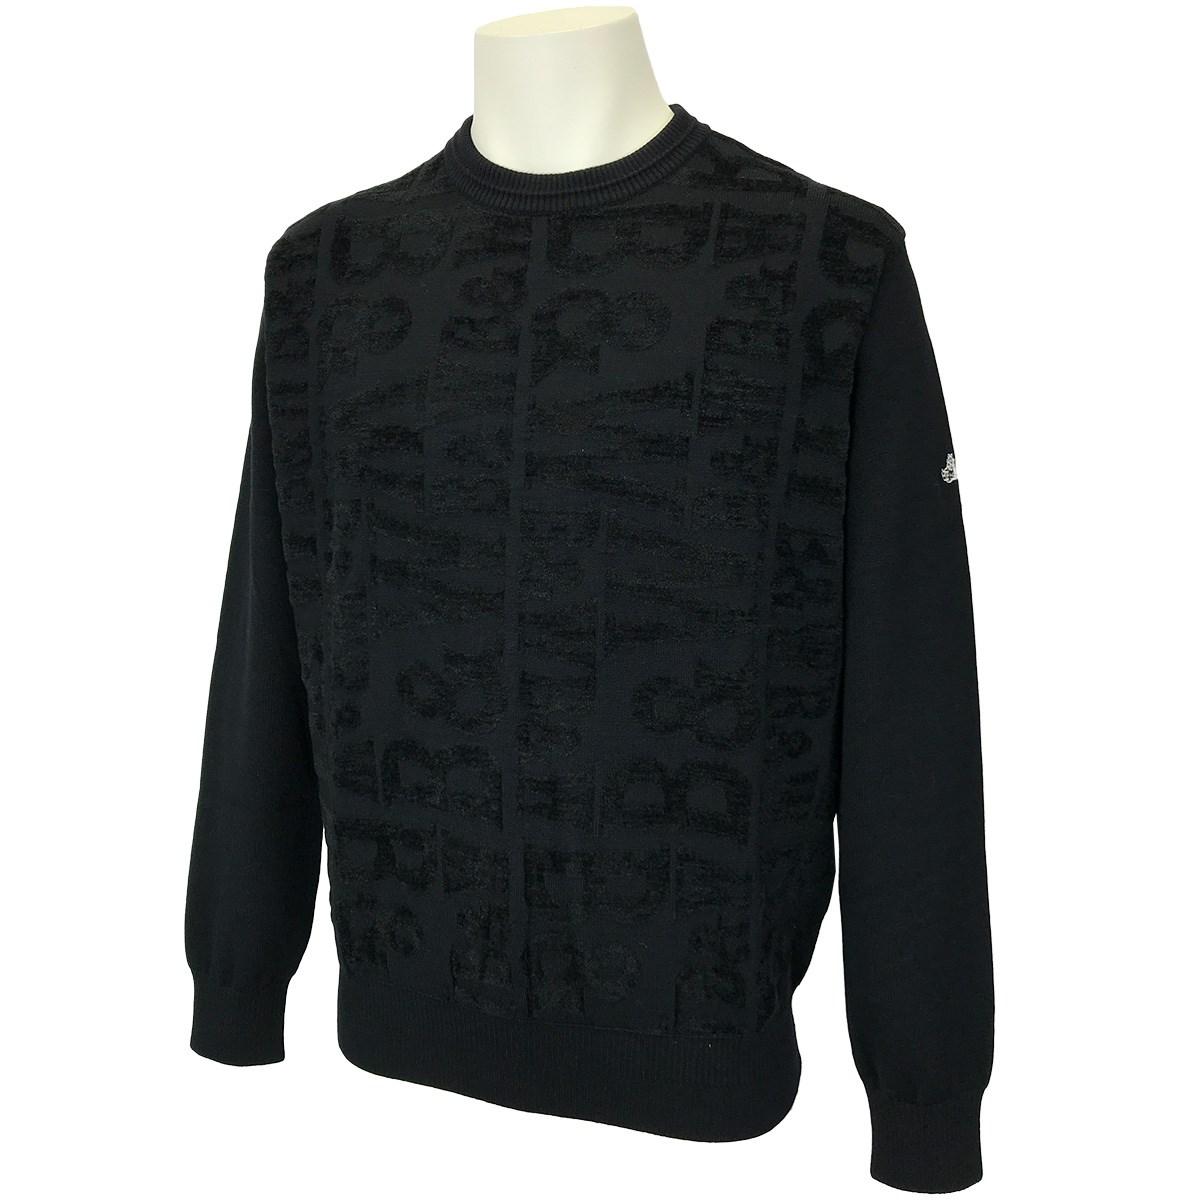 ブラック&ホワイト クールネックセーター